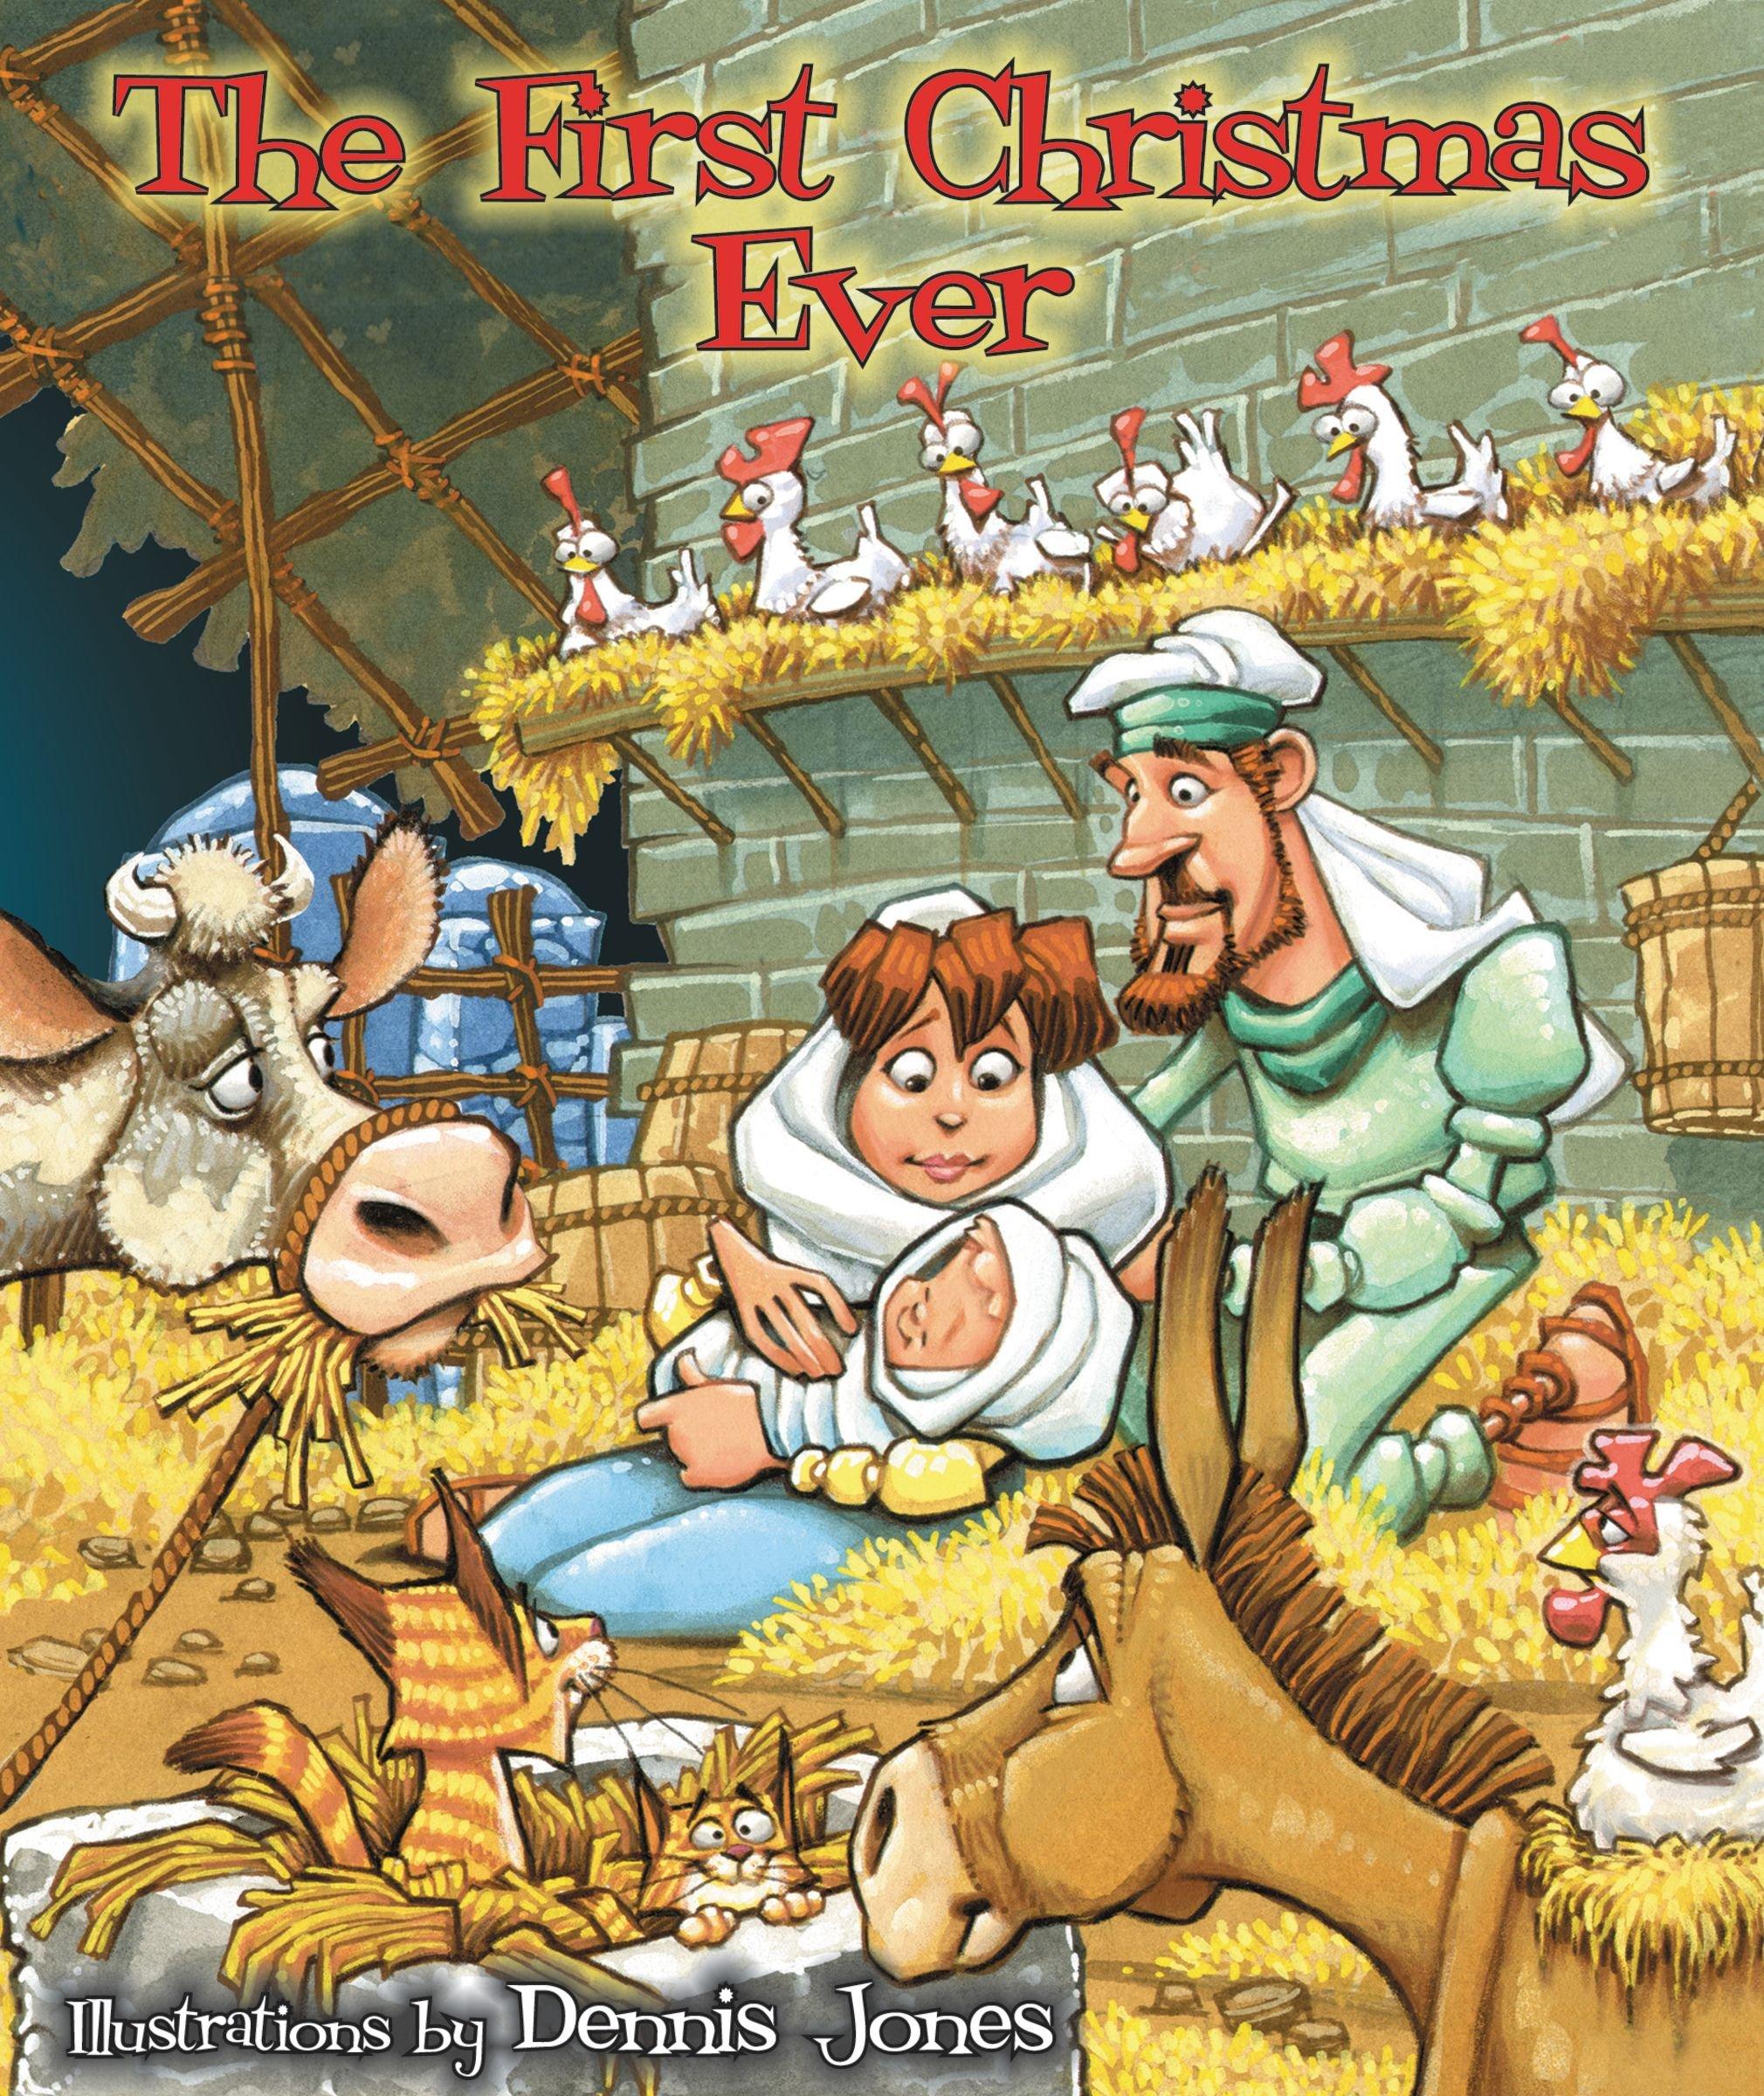 the first christmas ever dennis jones 0025986740832 amazoncom books